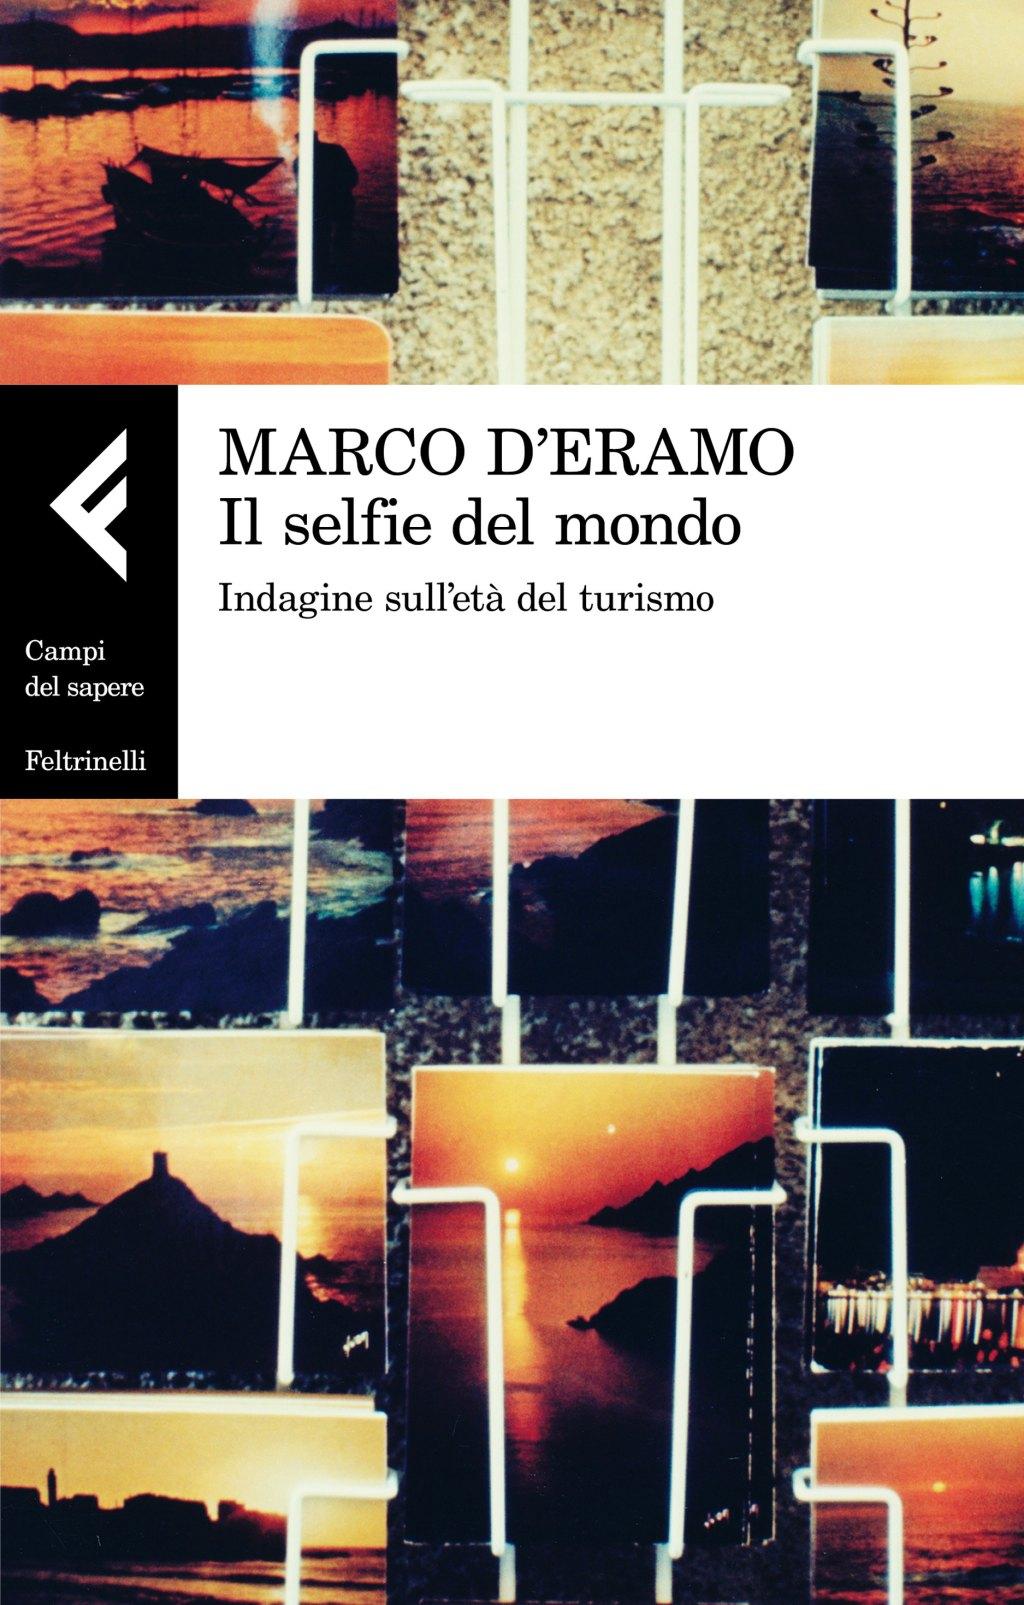 Marco D'Eramo